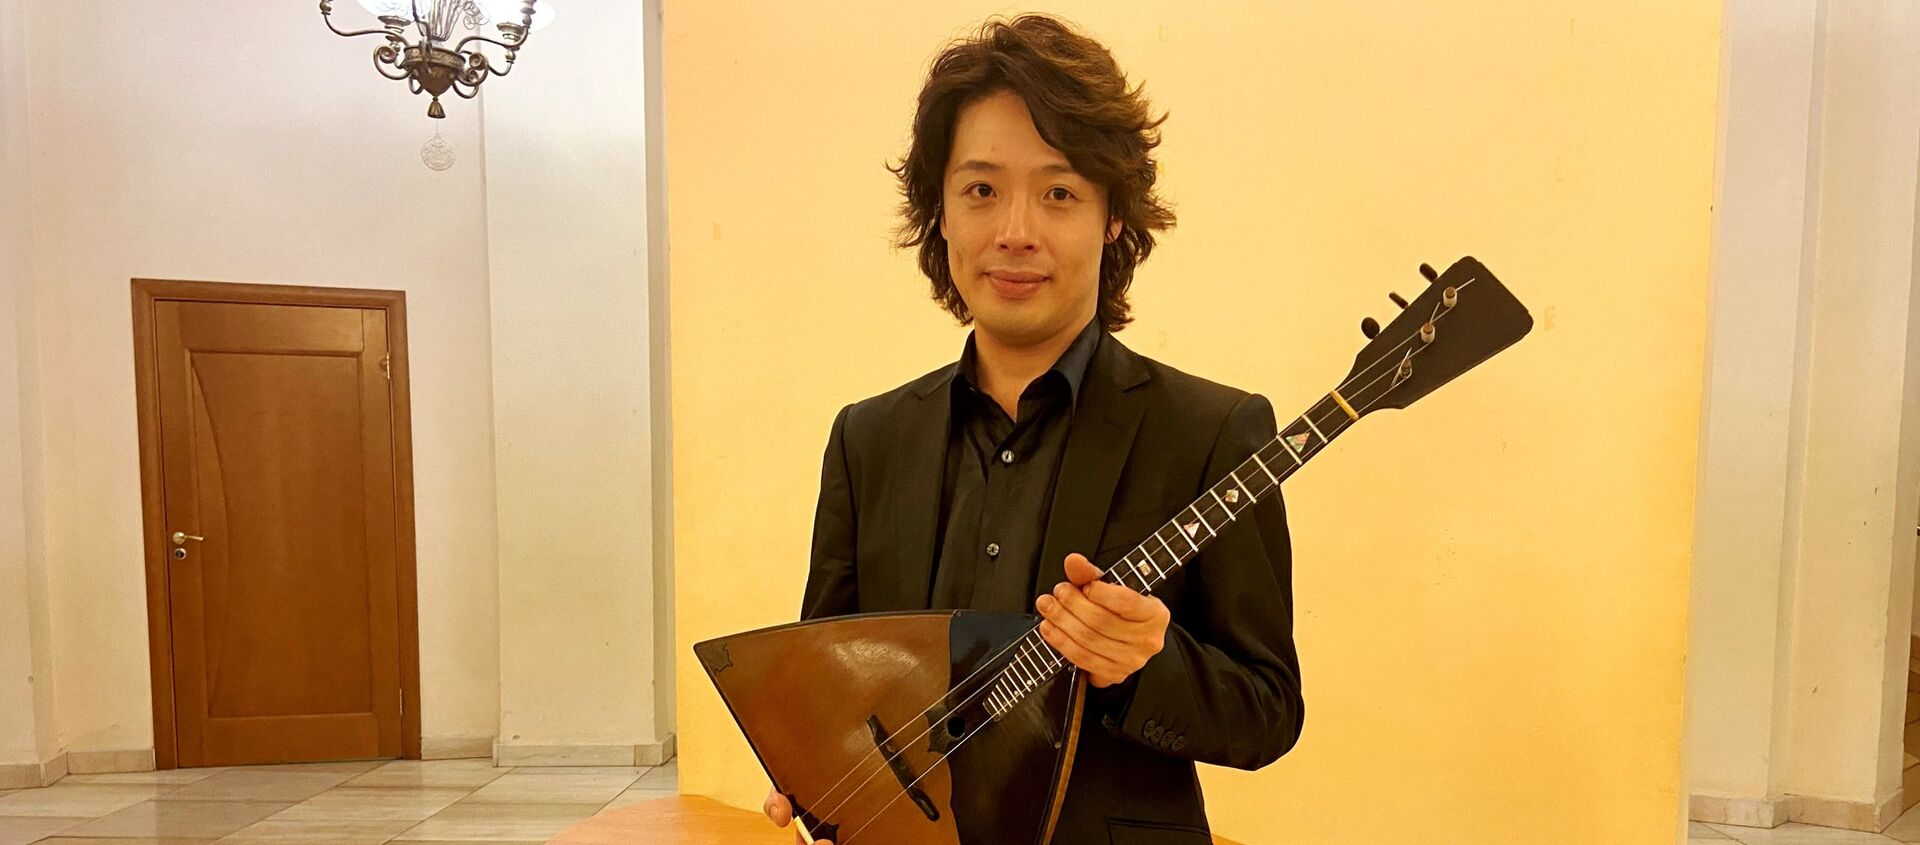 バラライカ奏者・北川翔さん  - Sputnik 日本, 1920, 16.03.2020